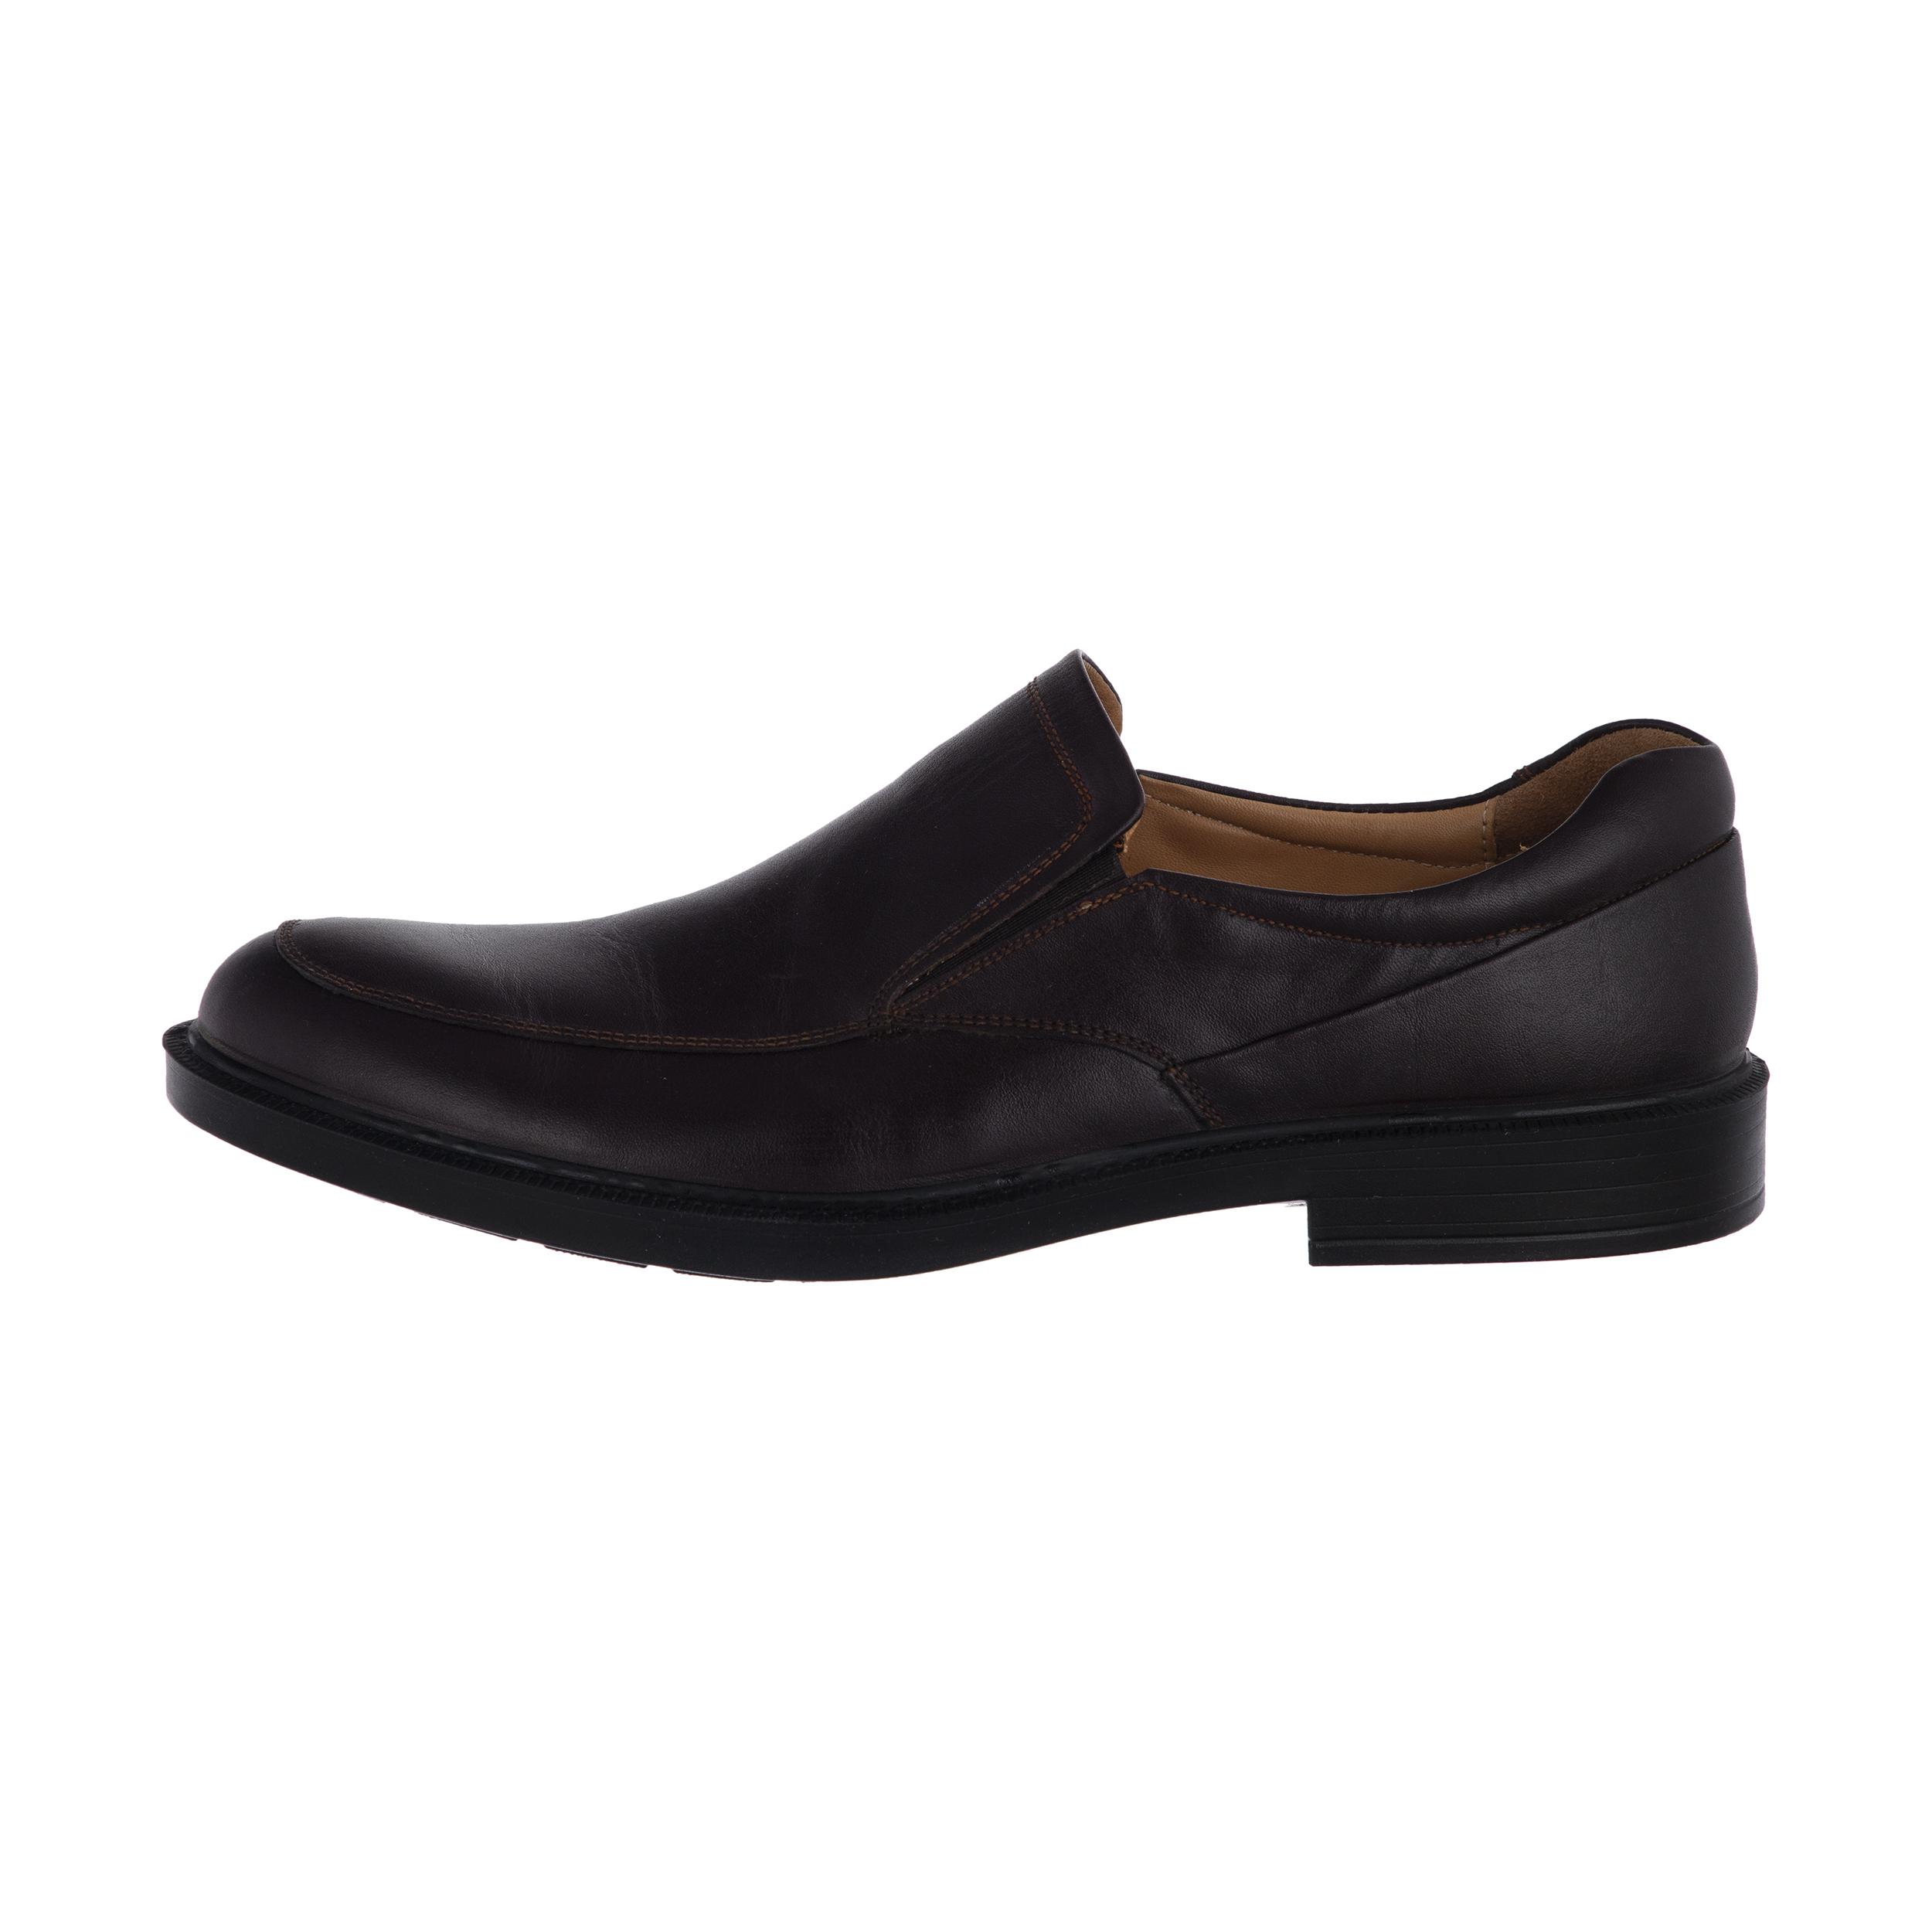 کفش مردانه پاما مدل 7401C503110